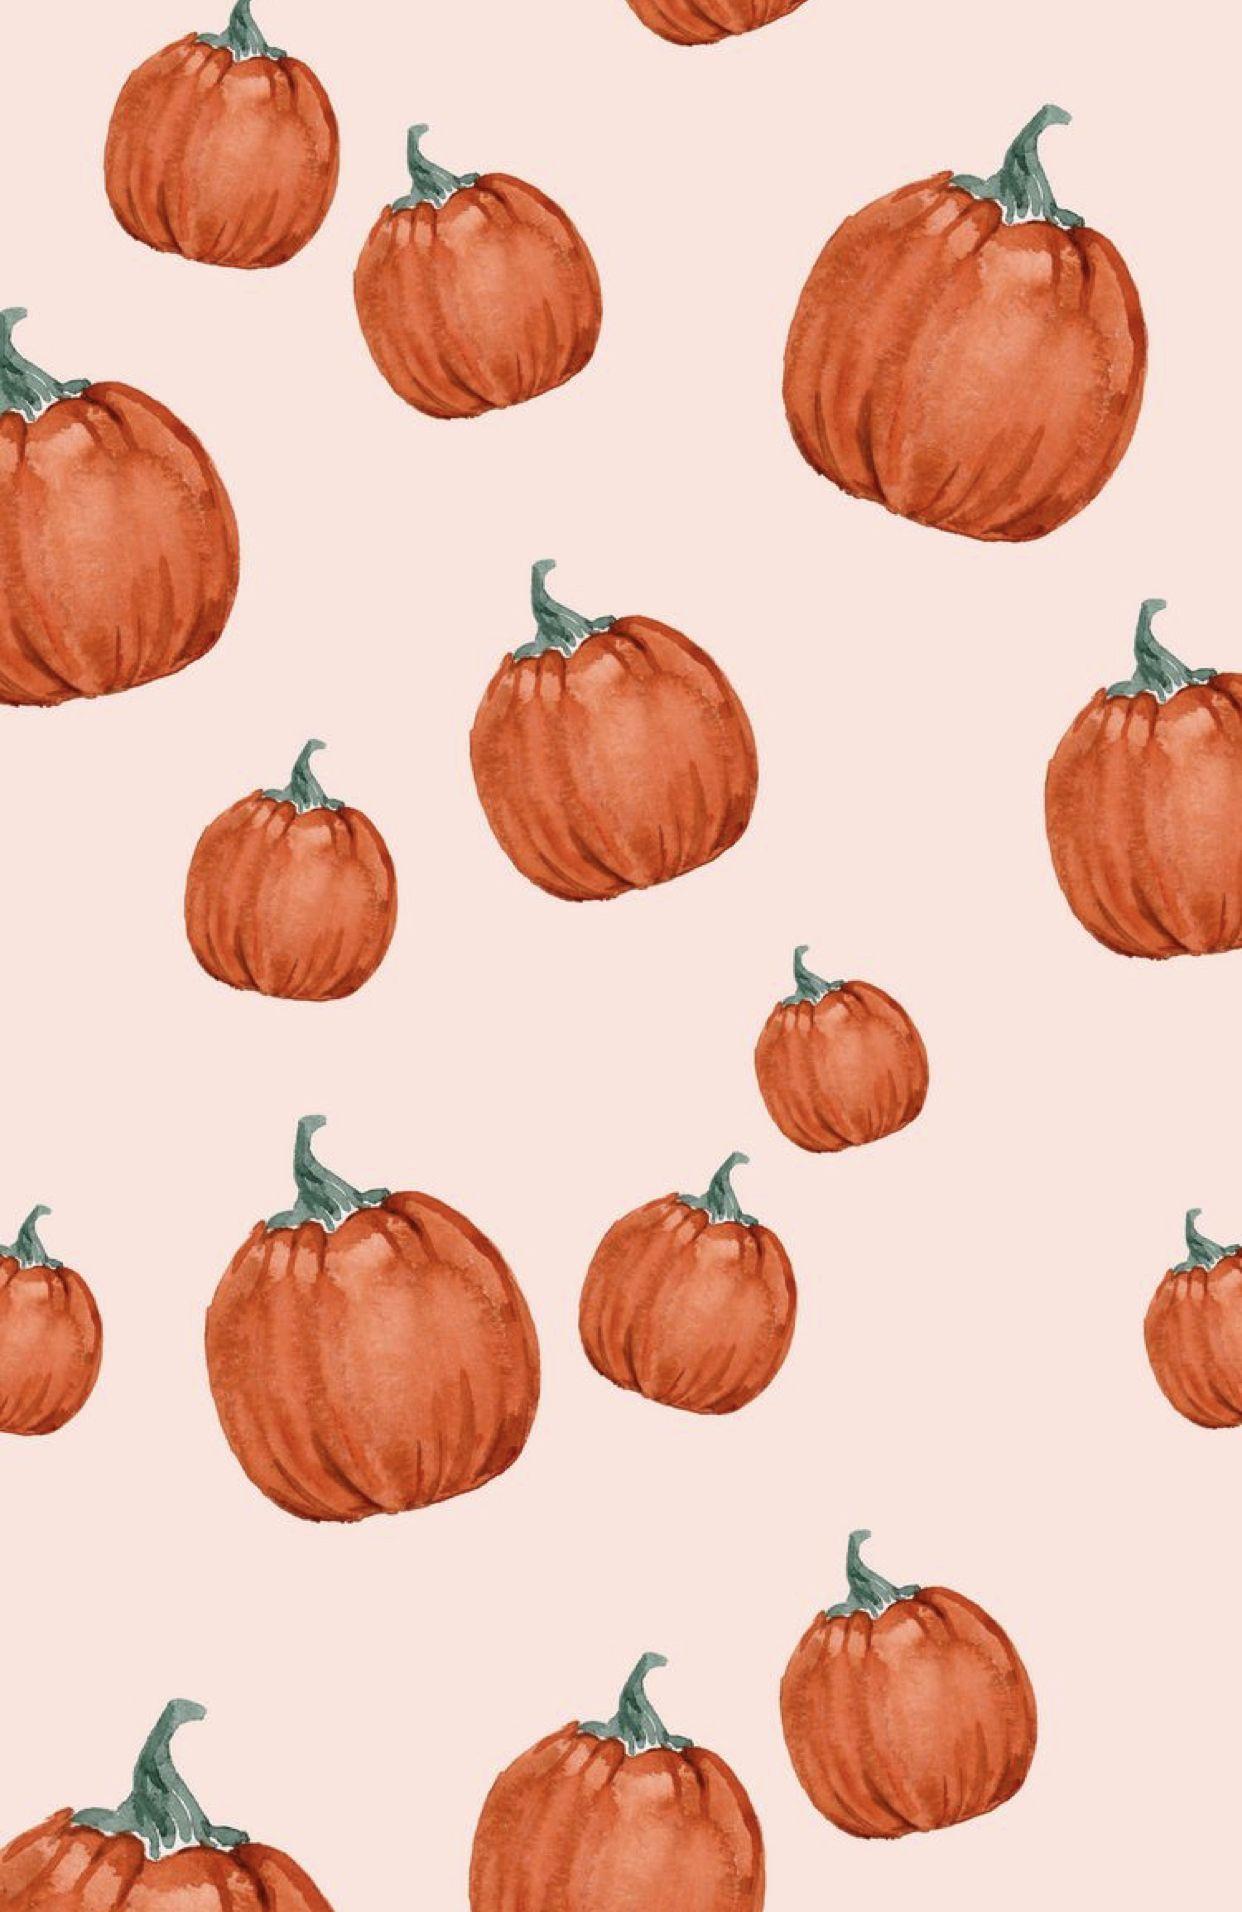 Halloween Fall Autumn Pumpkin Phone Wallpaper Cute Fall Wallpaper Iphone Wallpaper Fall Fall Wallpaper